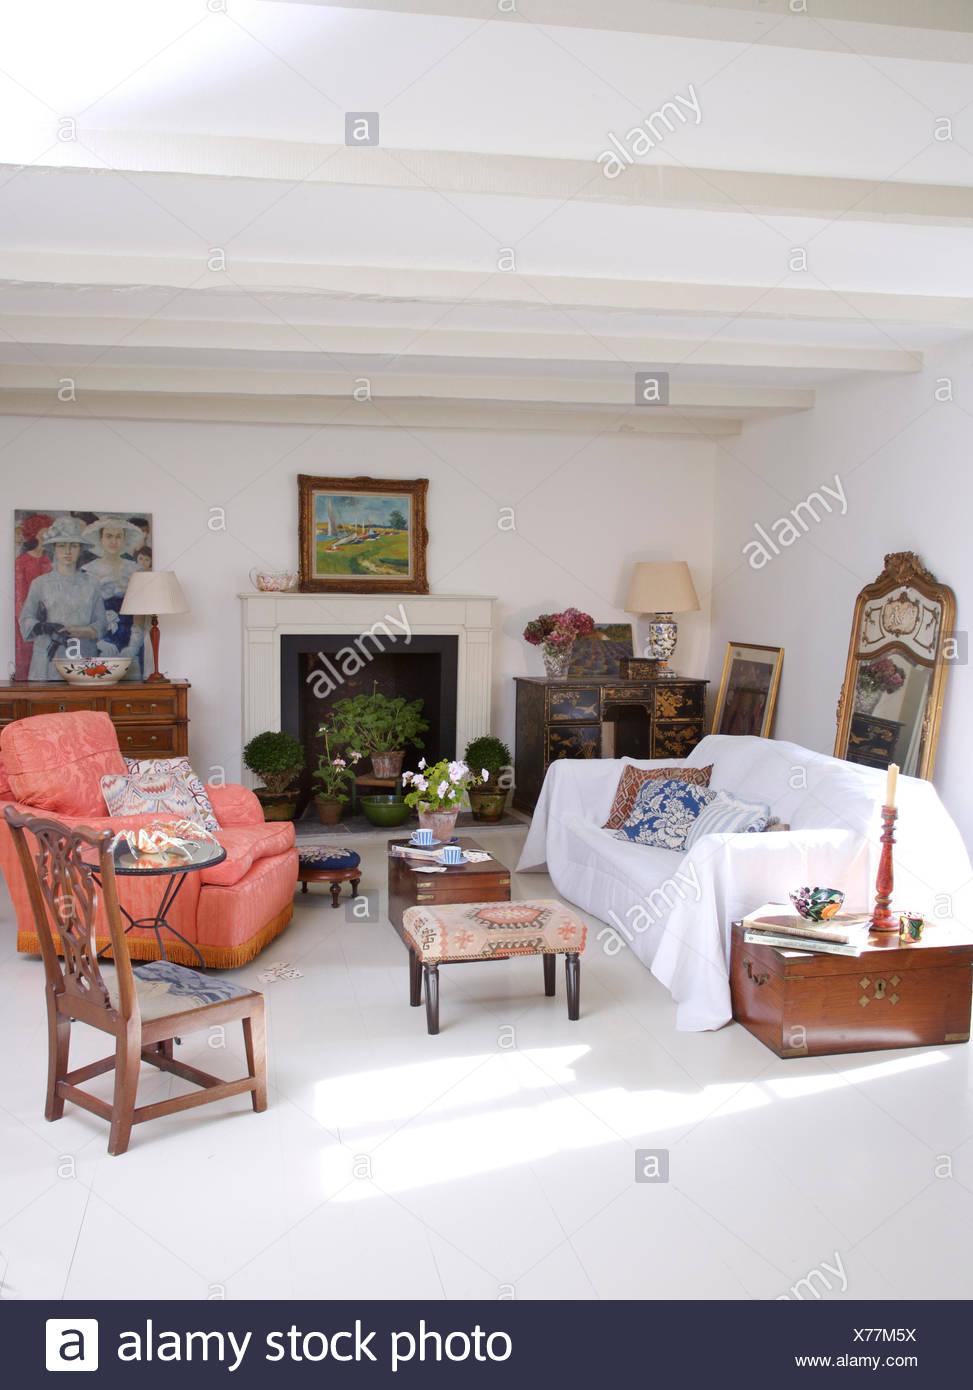 Weiß auf Sofa im Wohnzimmer weiße französische Land mit ...